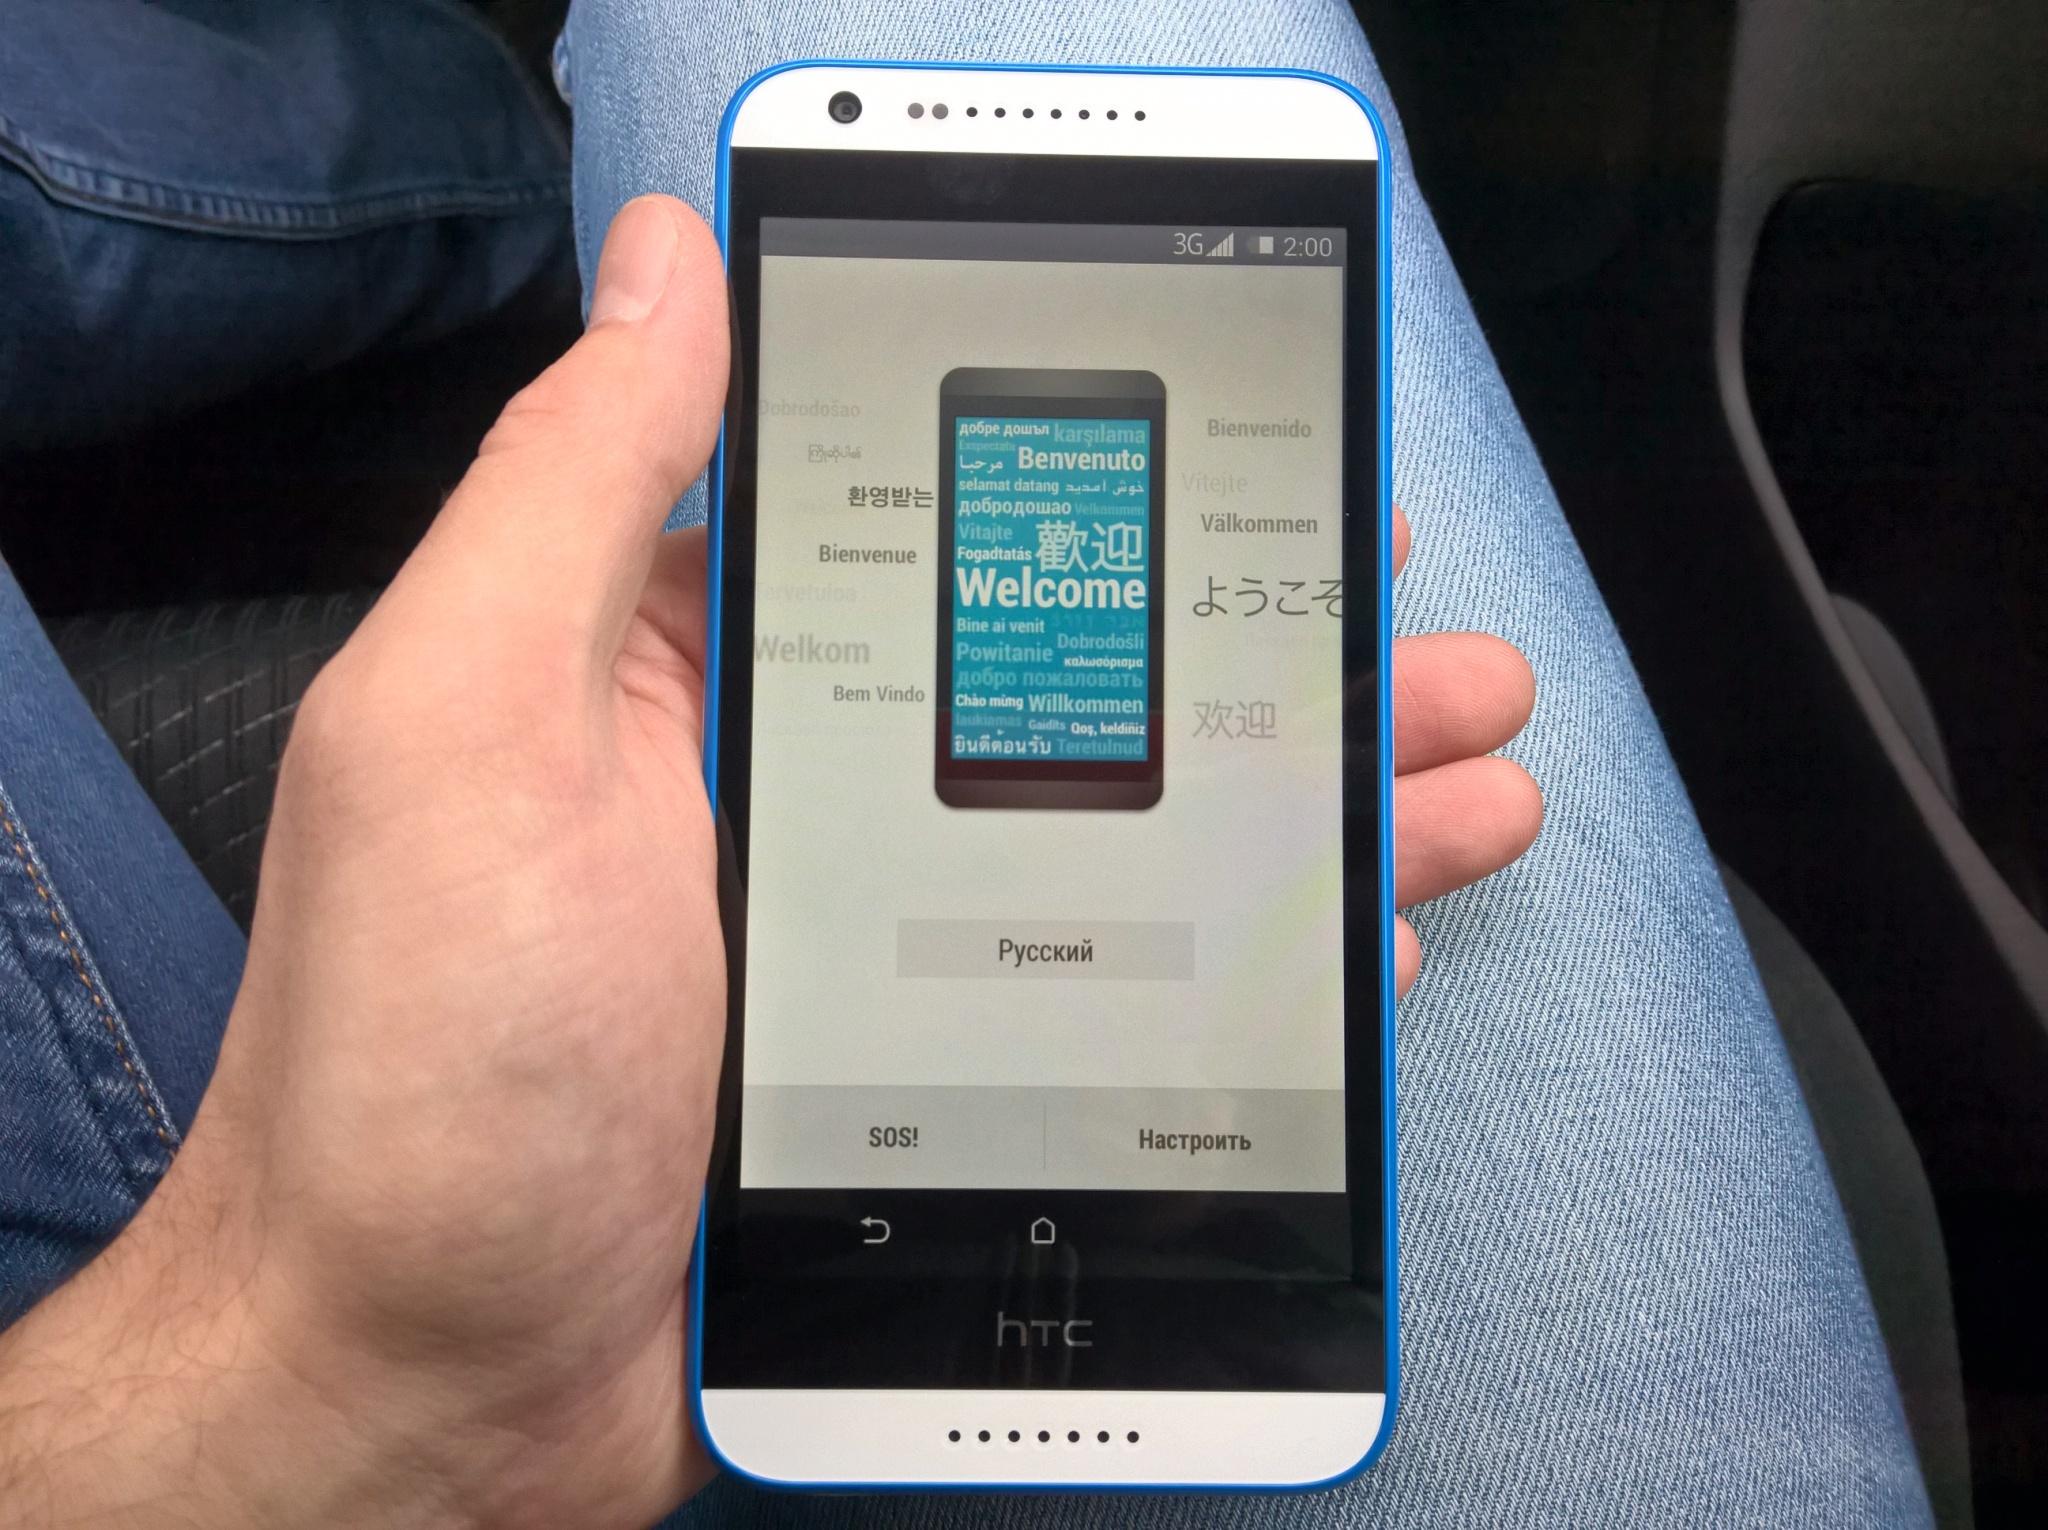 смартфон htc desire 620 инструкция